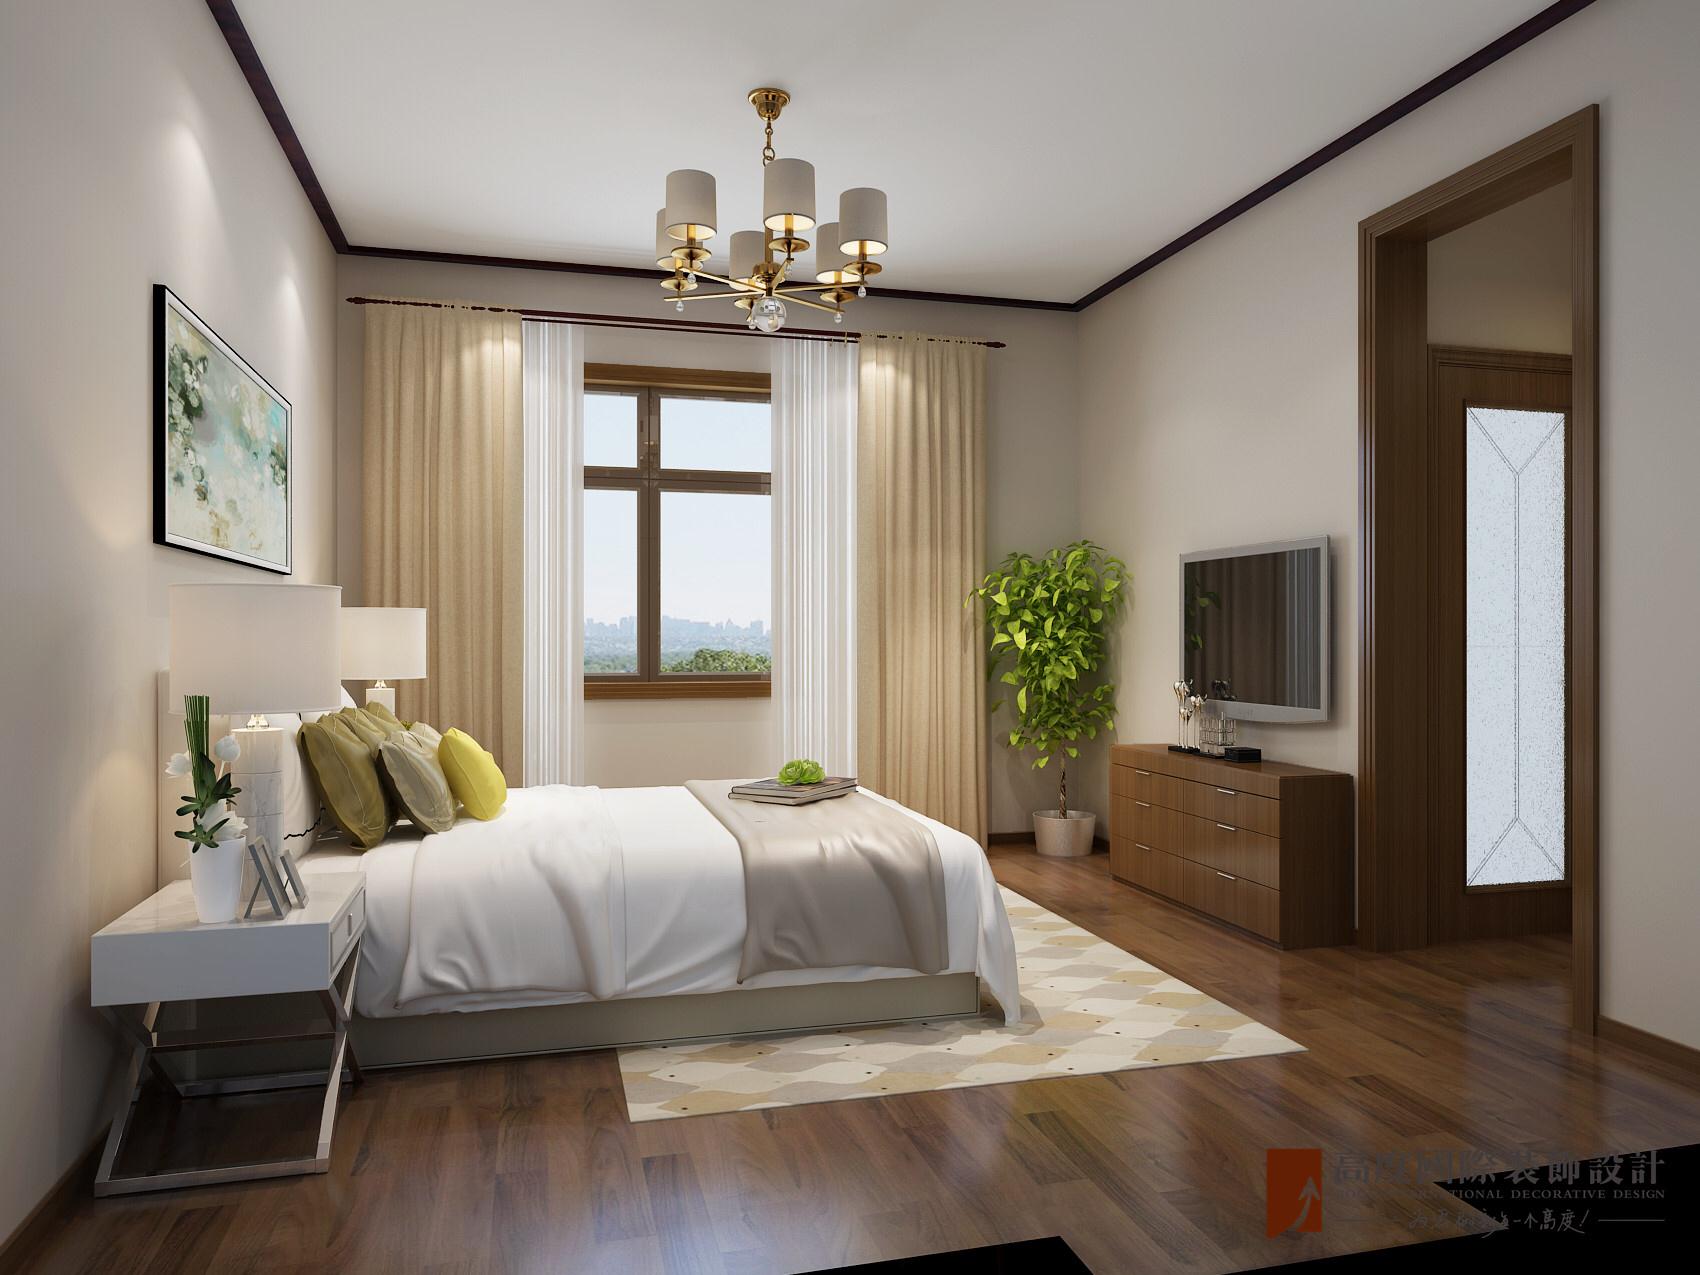 新中式 联排 卧室图片来自北京高度国际-陈玲在天鹅堡——新中式的分享